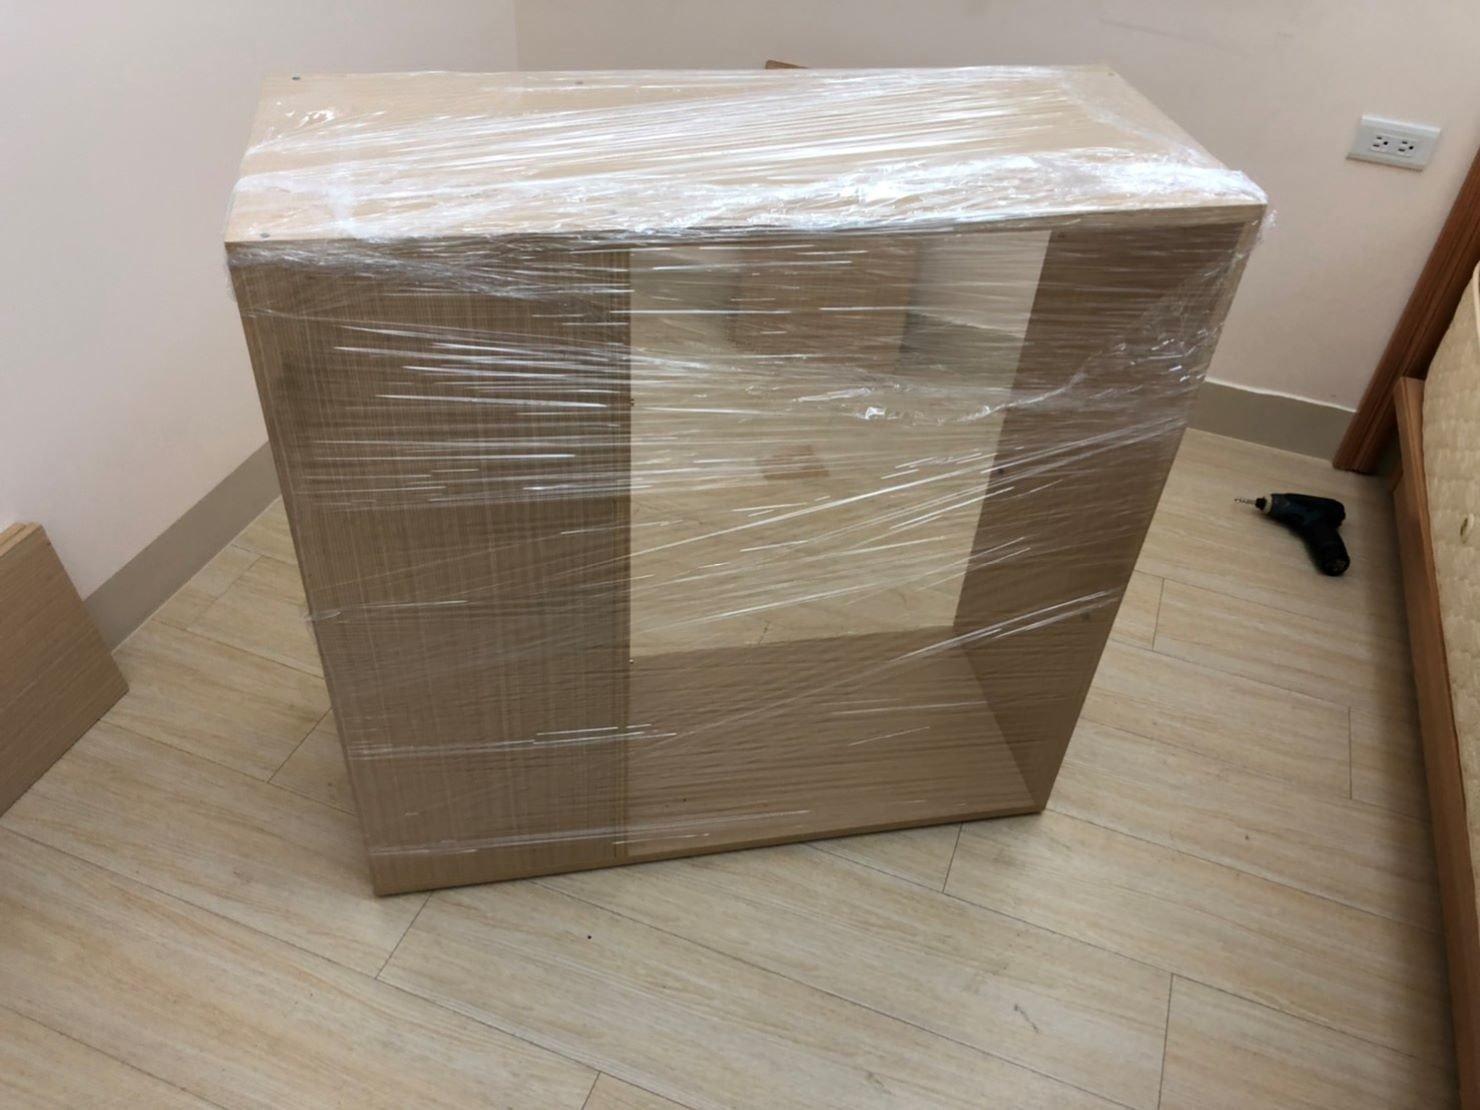 台北搬家公司推薦【榮福搬家公司】值得您來選擇:木製格子櫃以膠膜來做包裝作業,可防塵、防潮、防磨損。